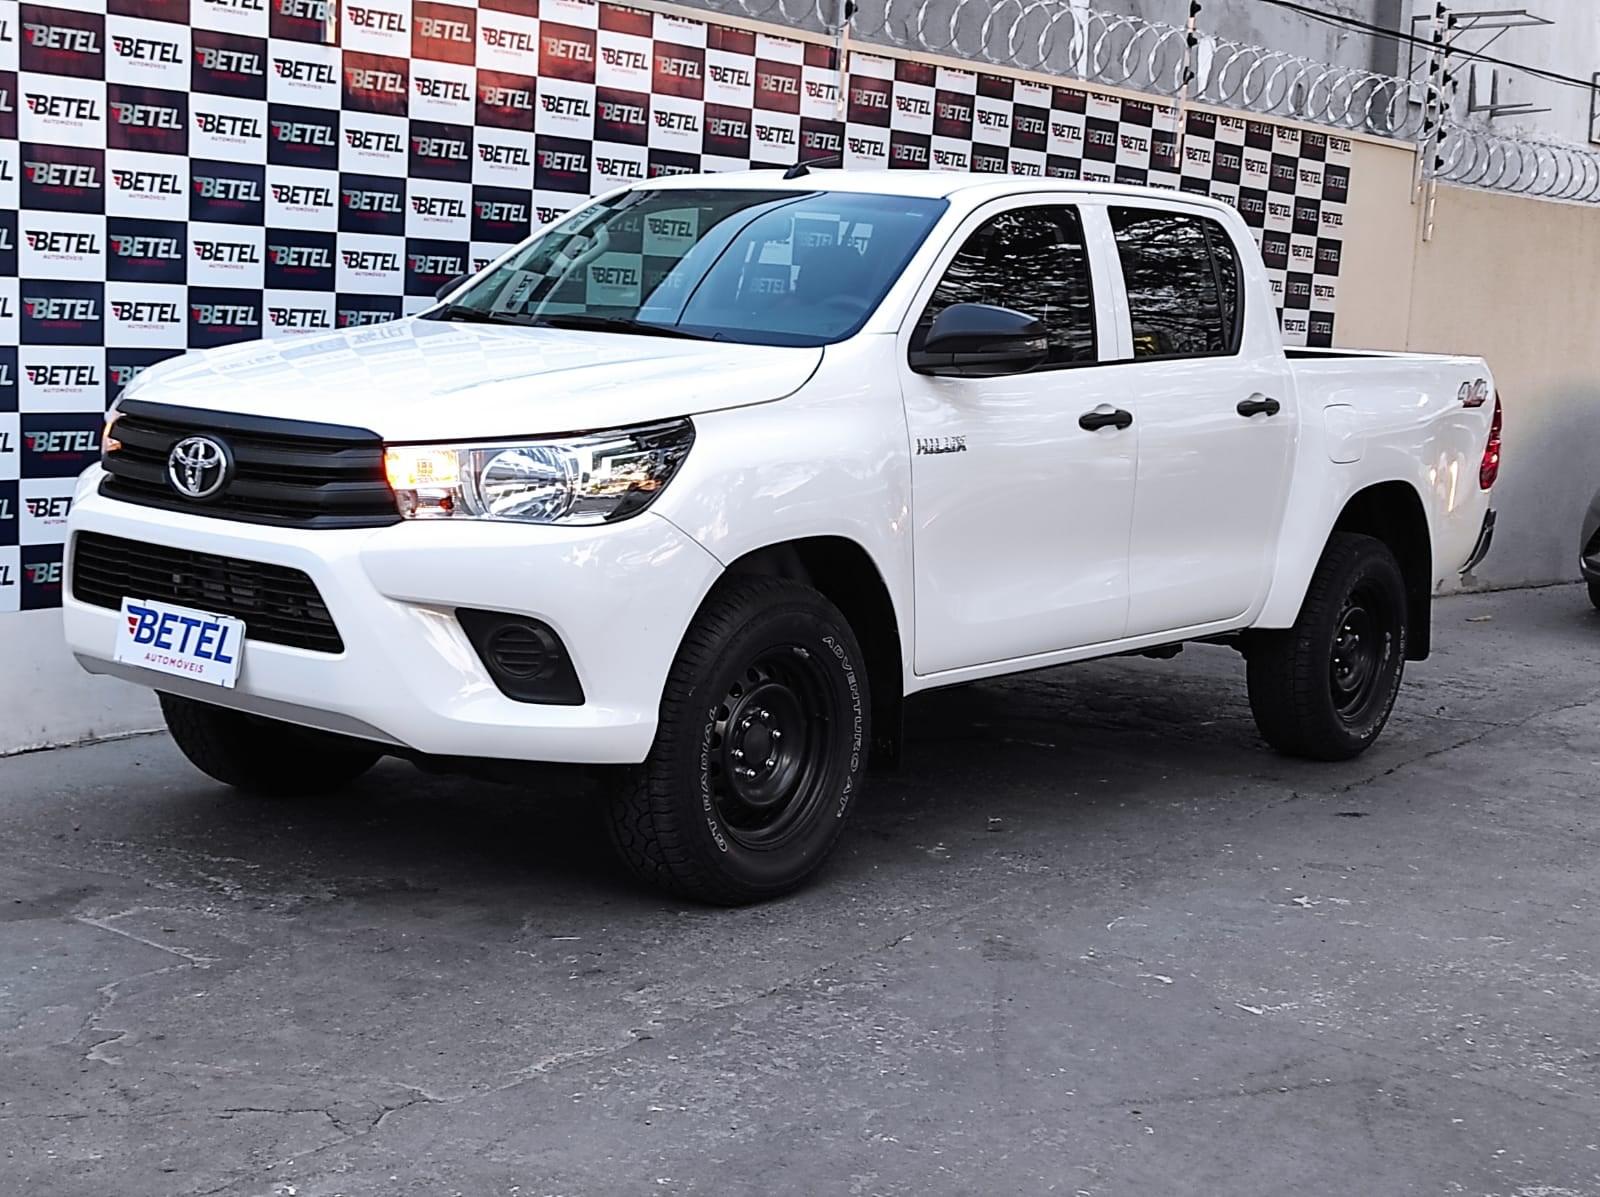 //www.autoline.com.br/carro/toyota/hilux-28-cd-std-narrow-16v-diesel-4p-4x4-turbo-manu/2020/varzea-grande-mt/15900036